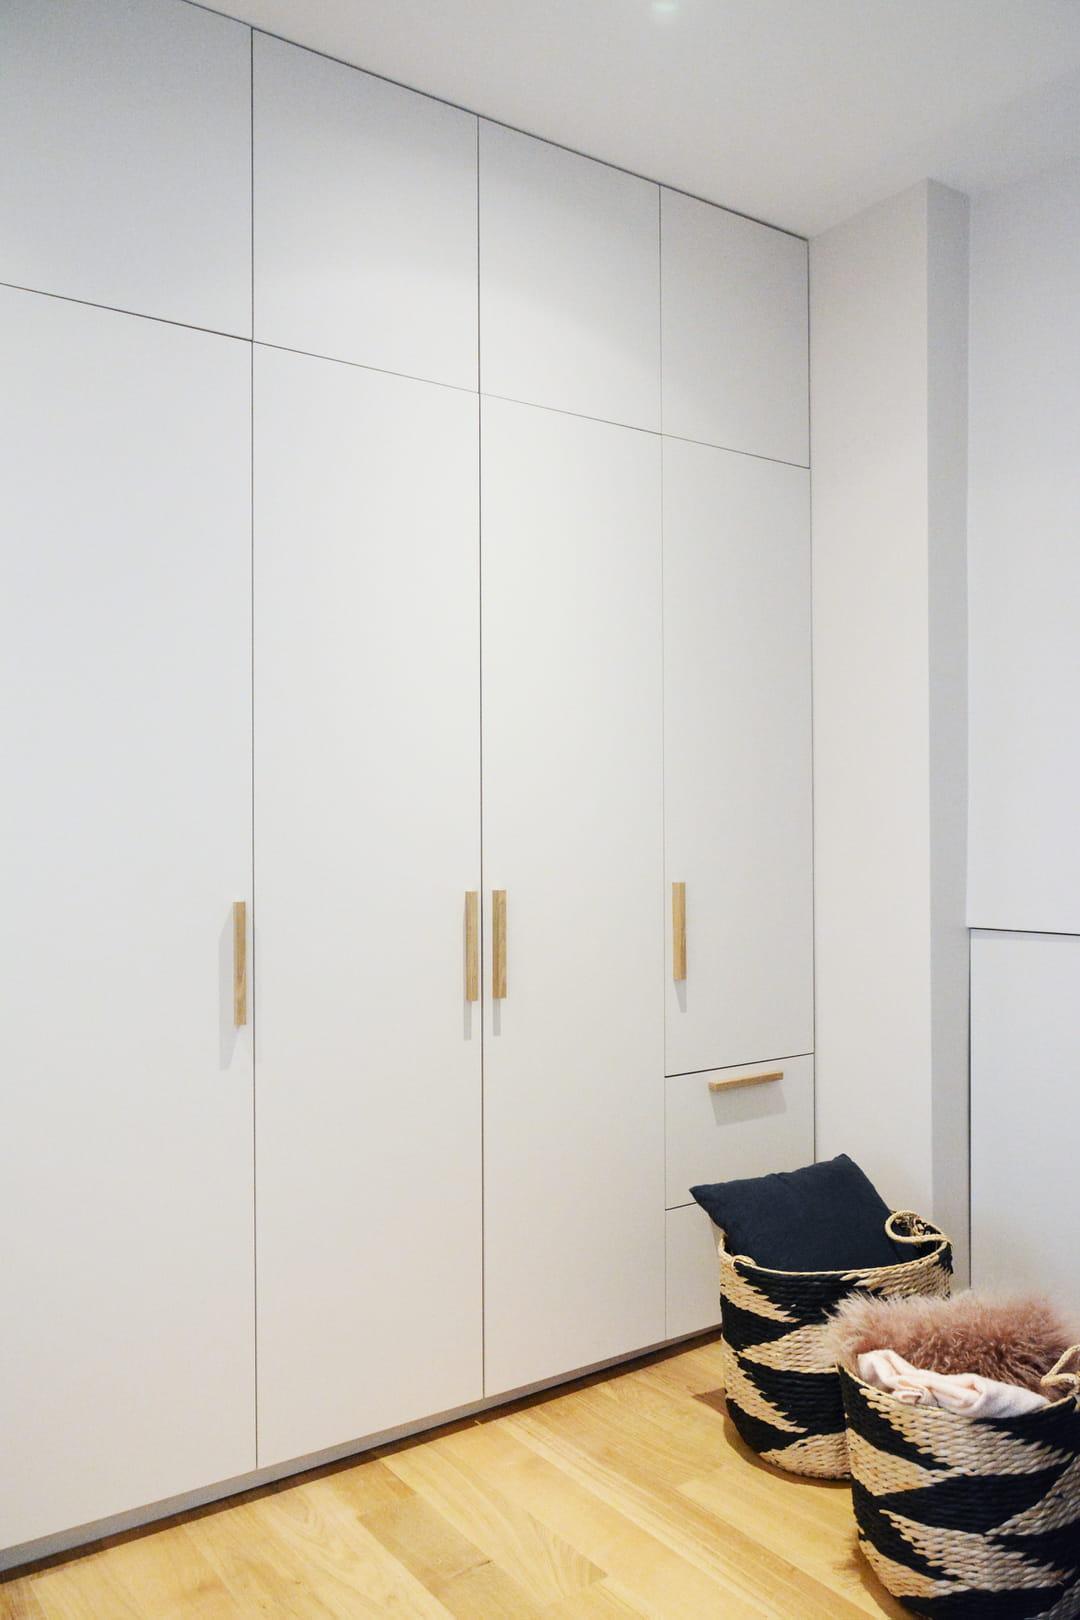 comment gagner de la place 25 id es pour optimiser les m tres carr s. Black Bedroom Furniture Sets. Home Design Ideas